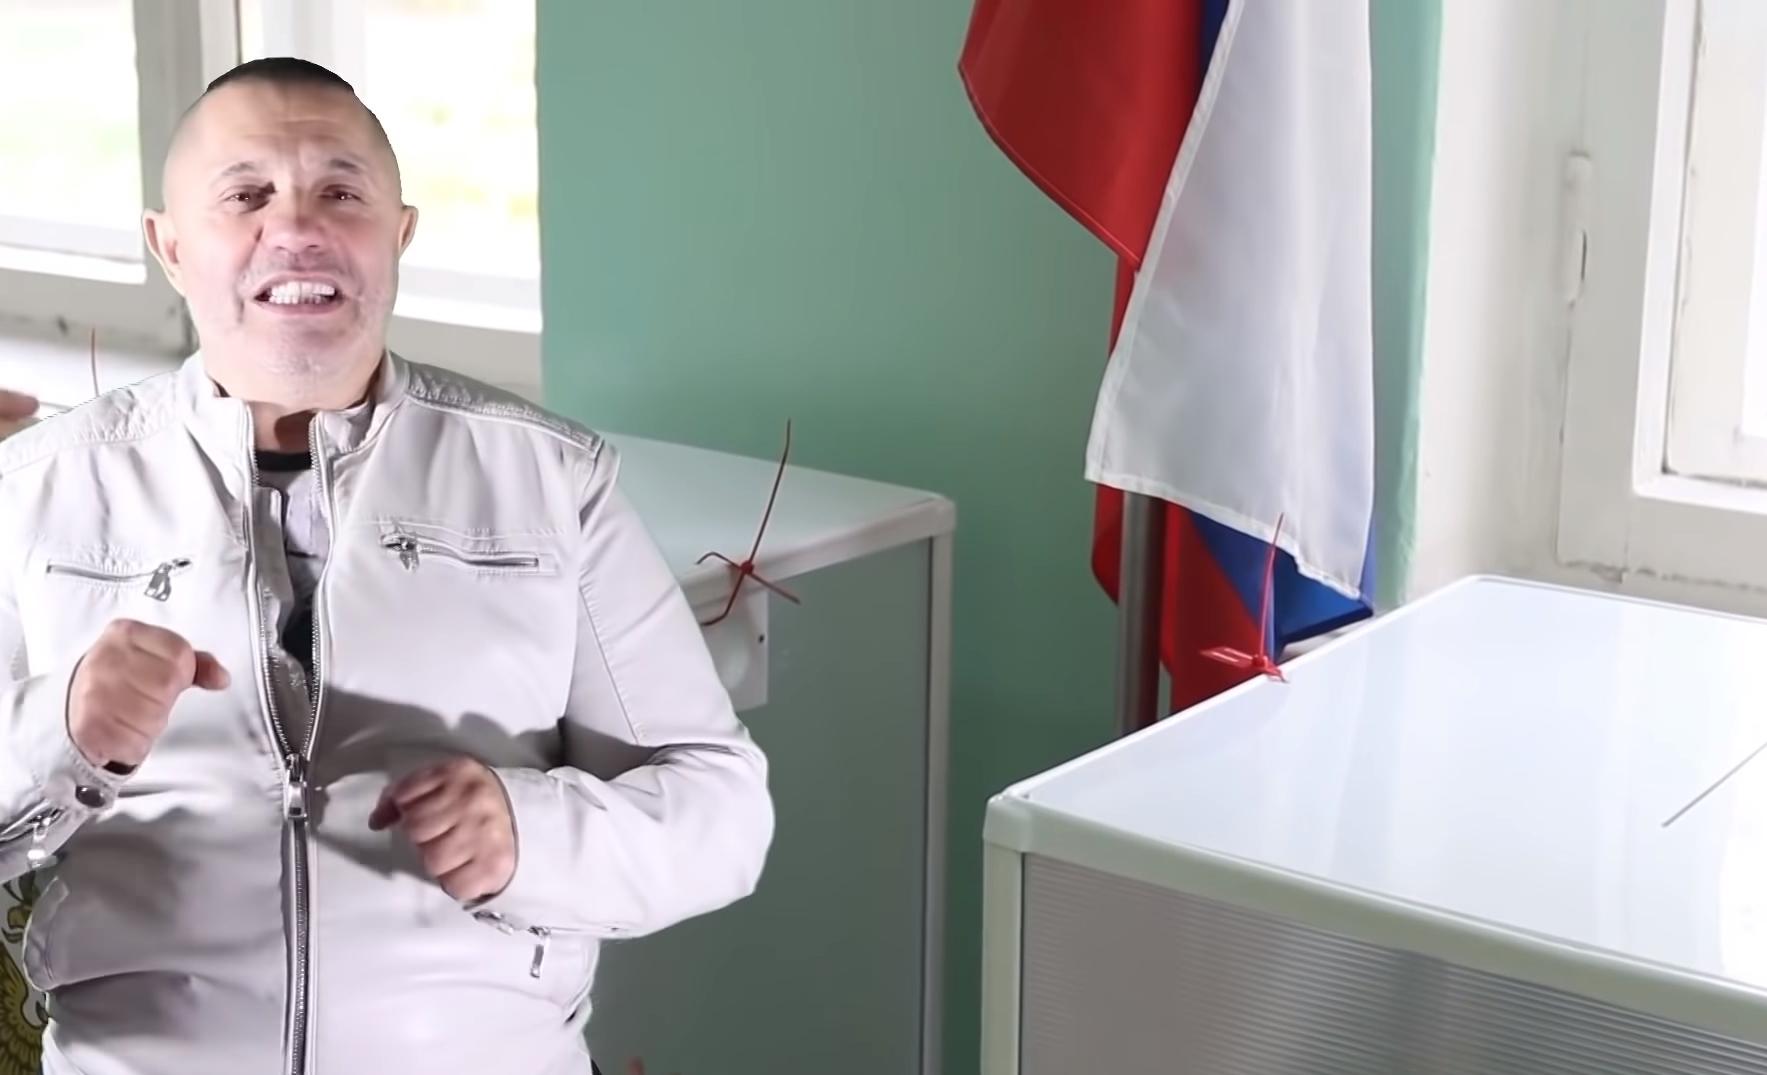 Nicolae Guţă a lansat o manea electorală la comanda PSD În videoclip apare steagul Rusiei